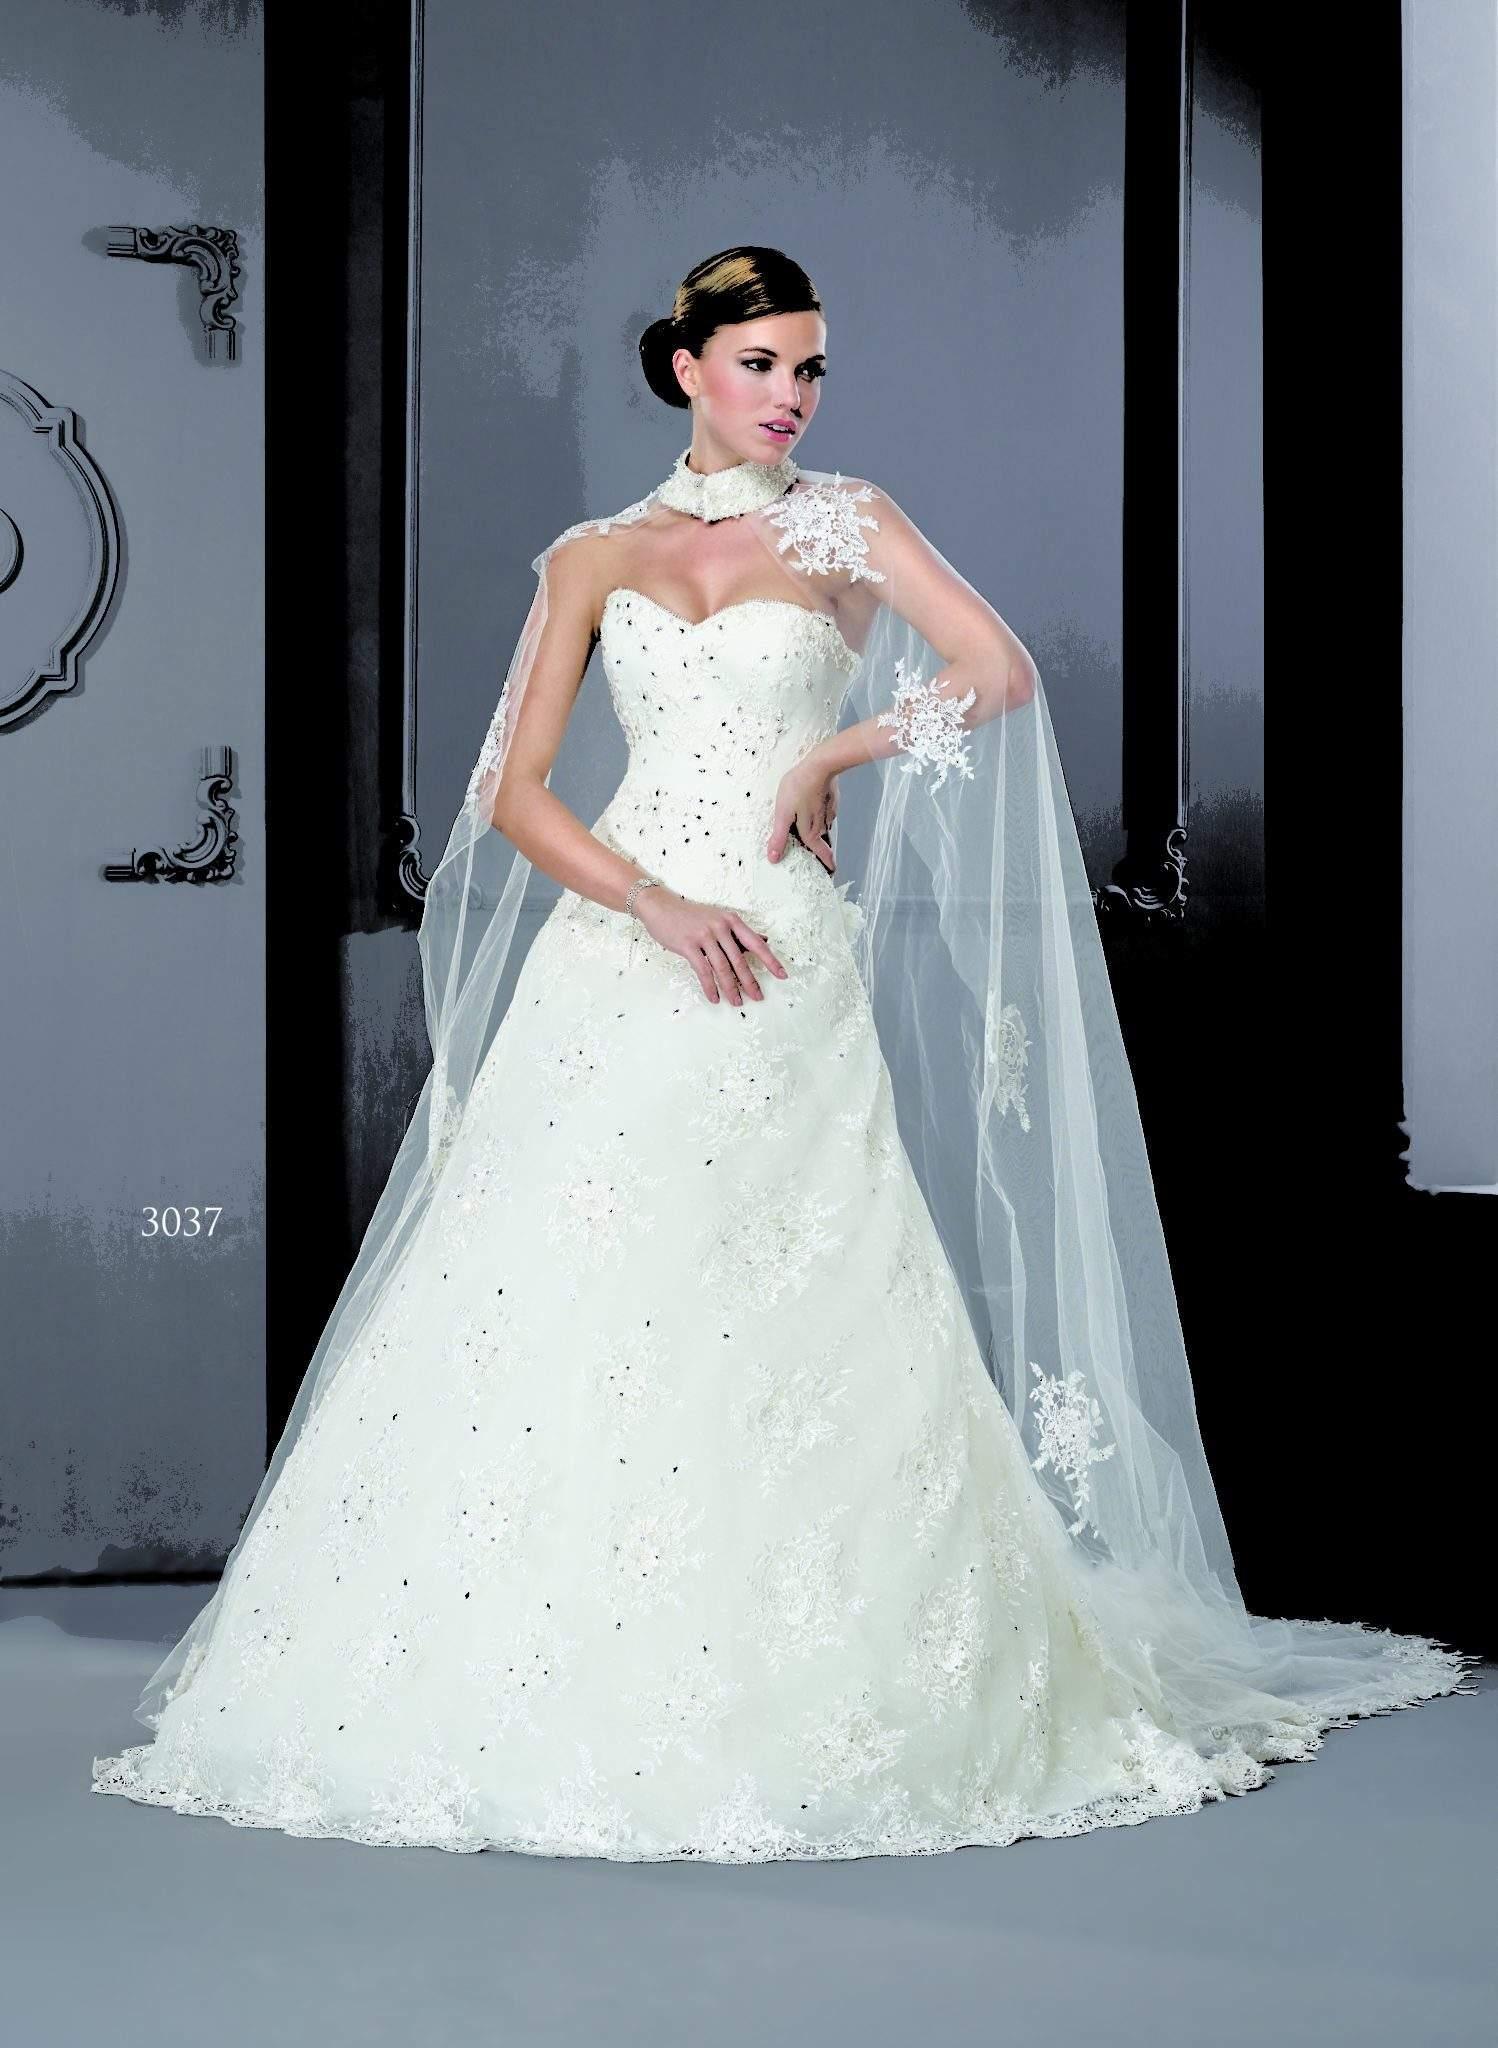 Brautkleid mit Cape Schal - Darius Cordell Fashion Ltd